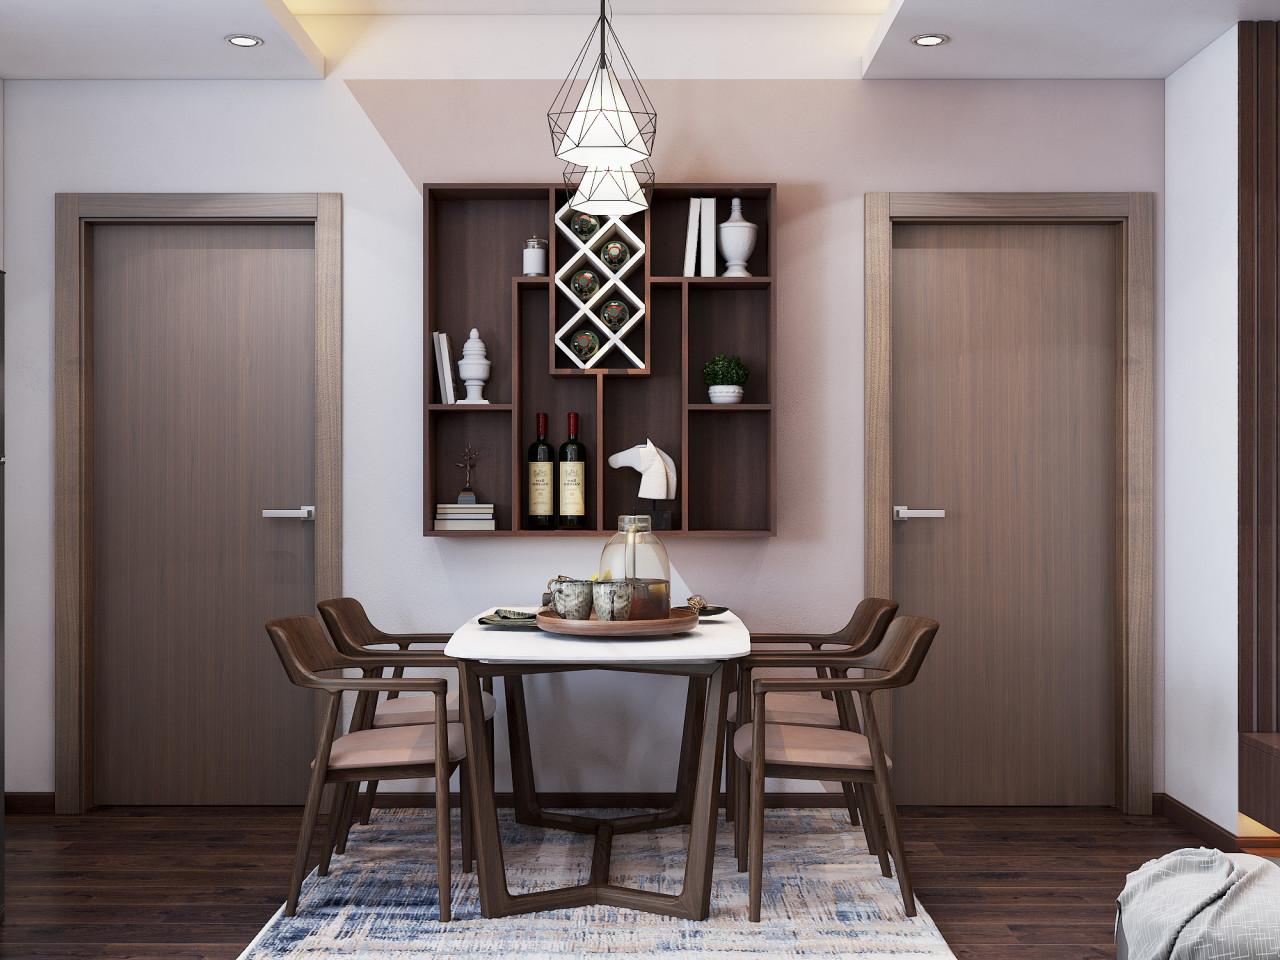 Bàn ăn được đặt giữa phòng, bố trí cân đối với các đồ nội thất trong không gian căn hộ